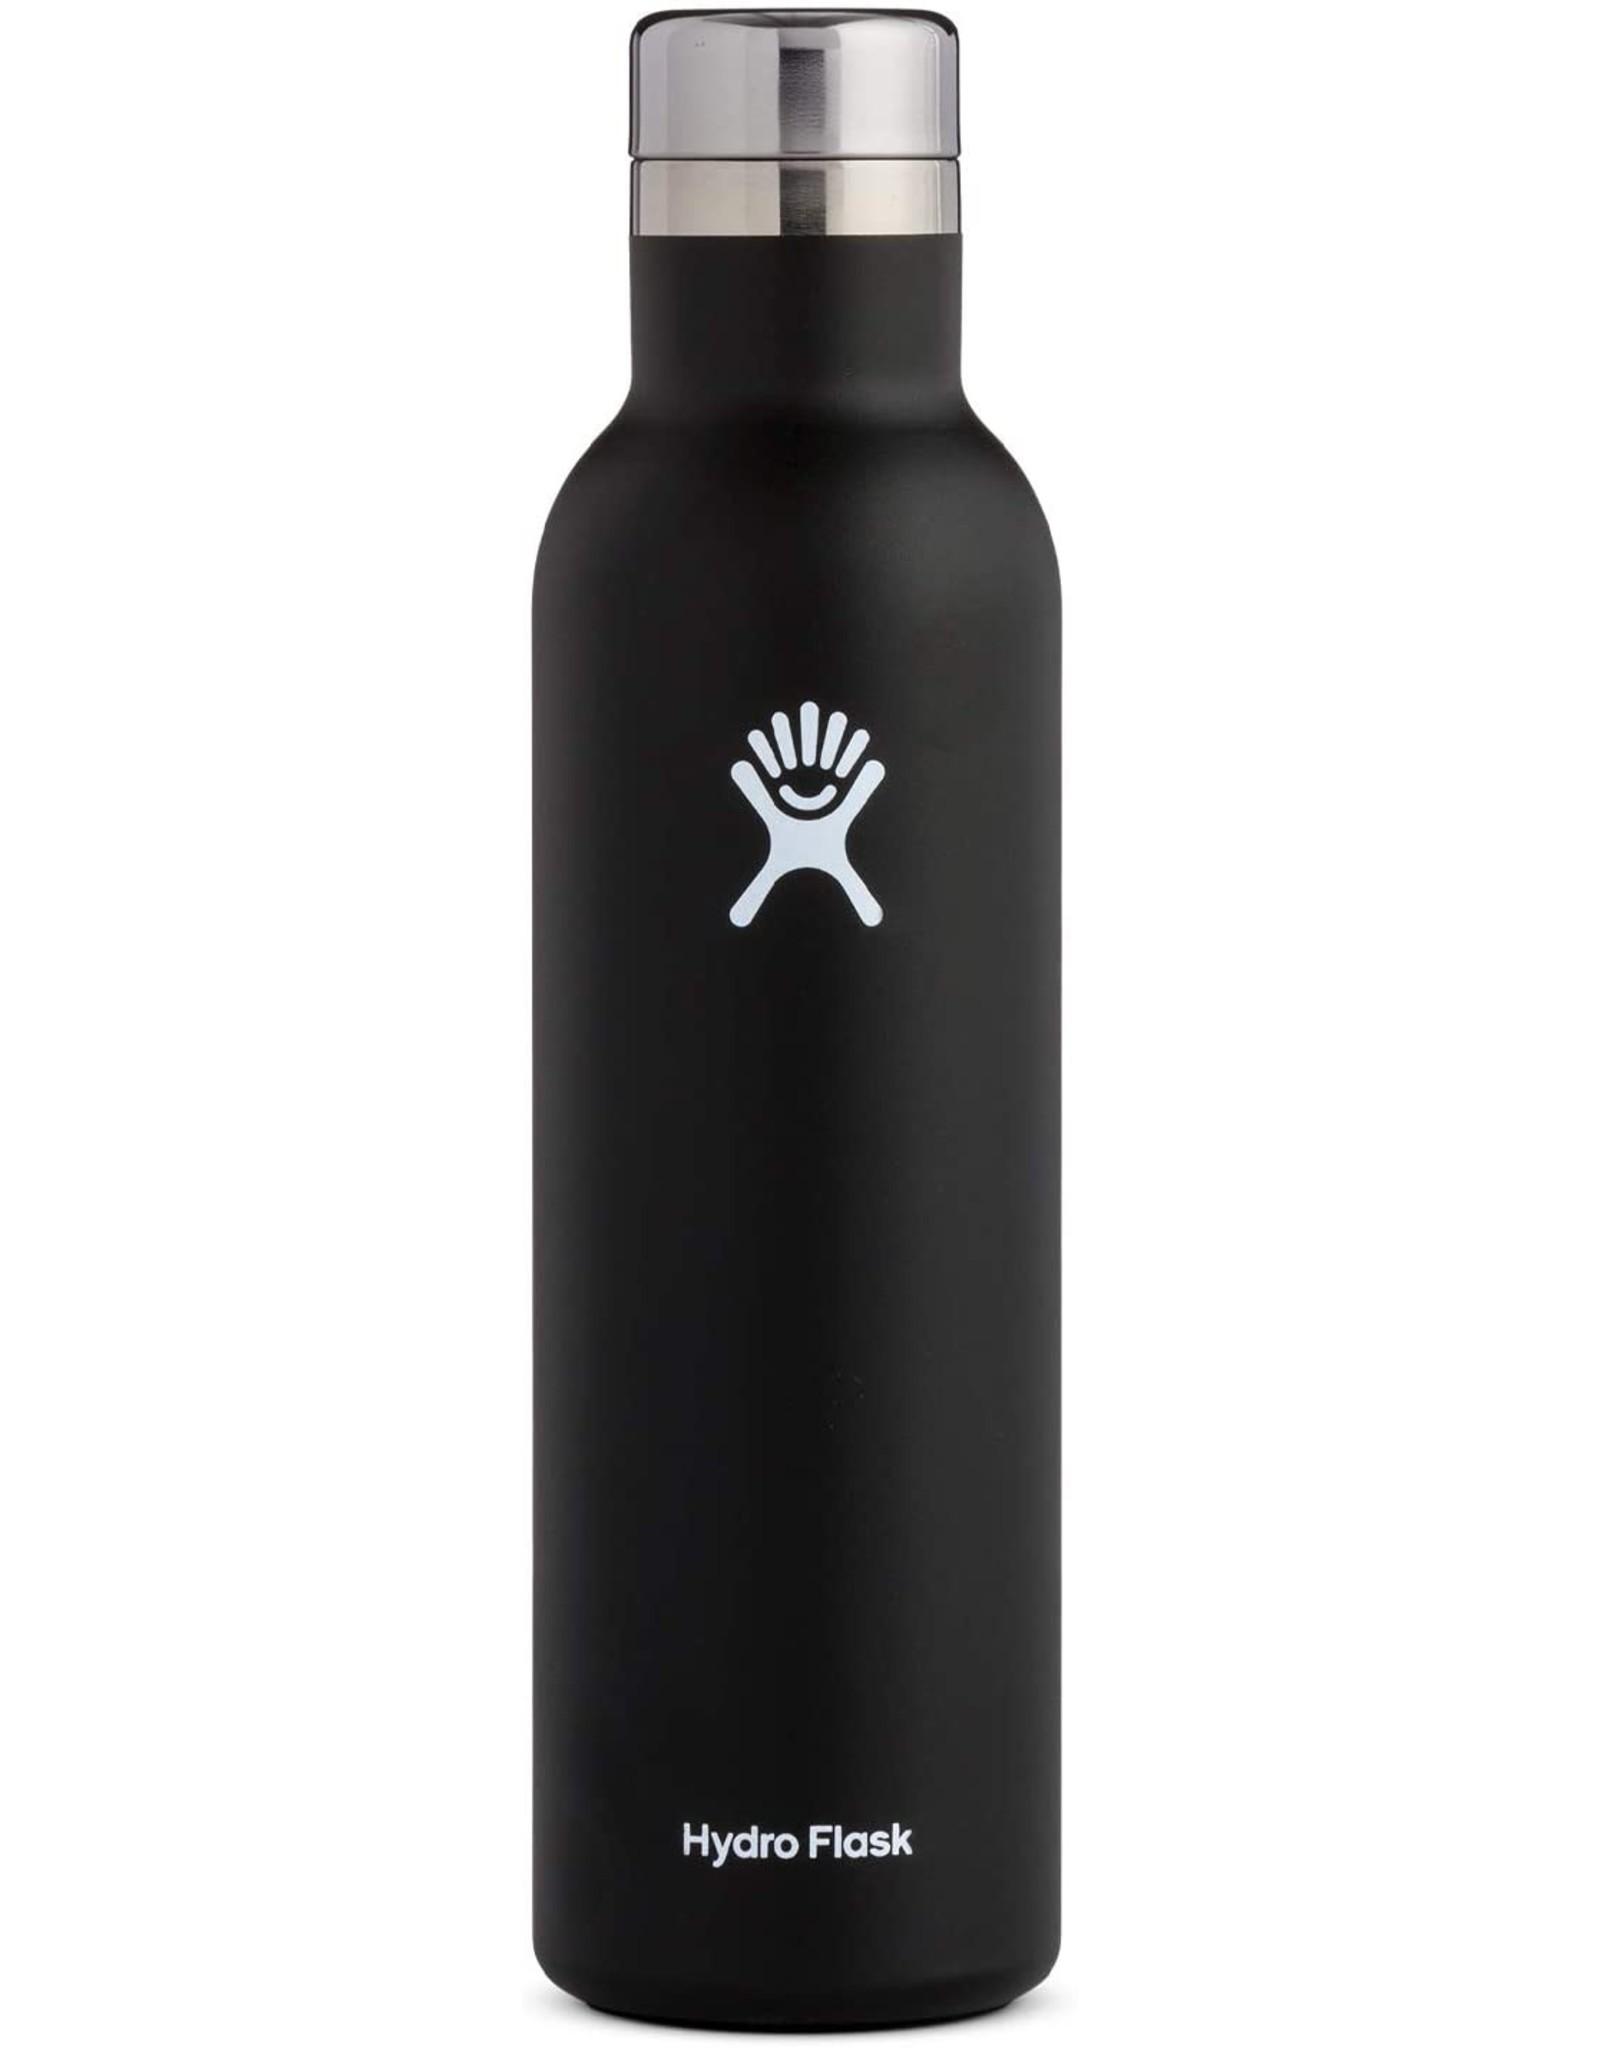 Hydro Flask Hydroflask - 25 OZ. WINE BOTTLE